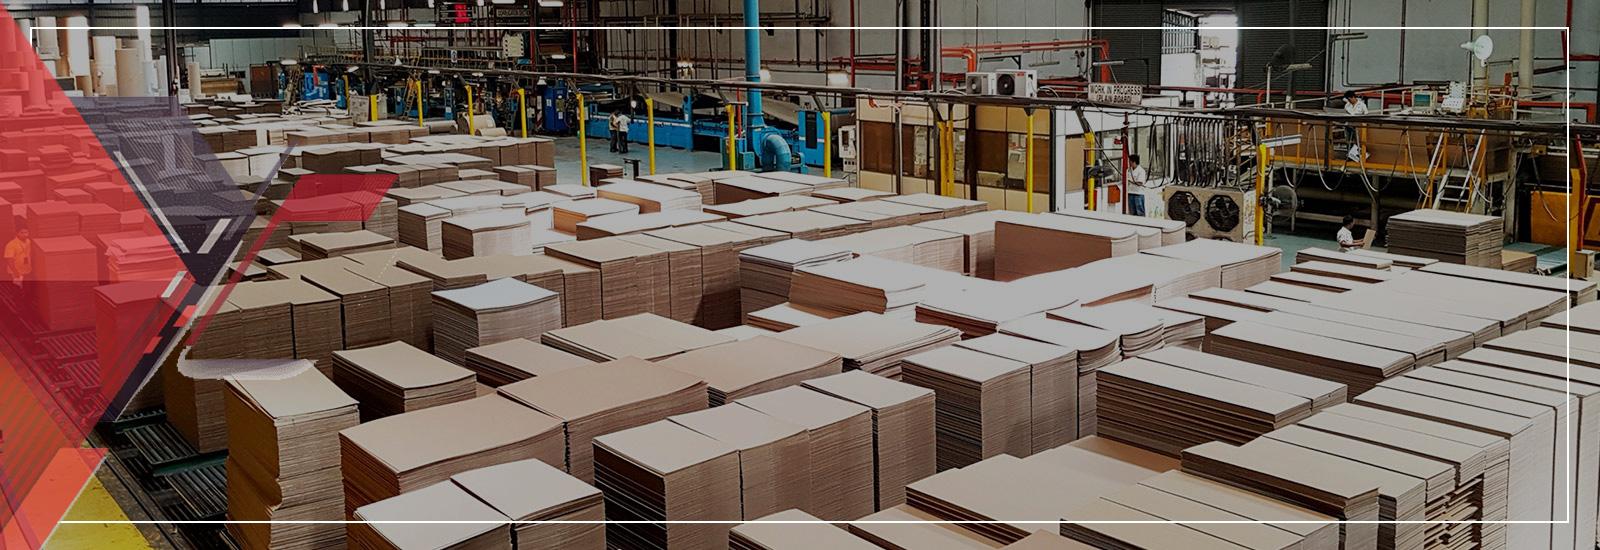 Hàng carton sản xuất sẵn